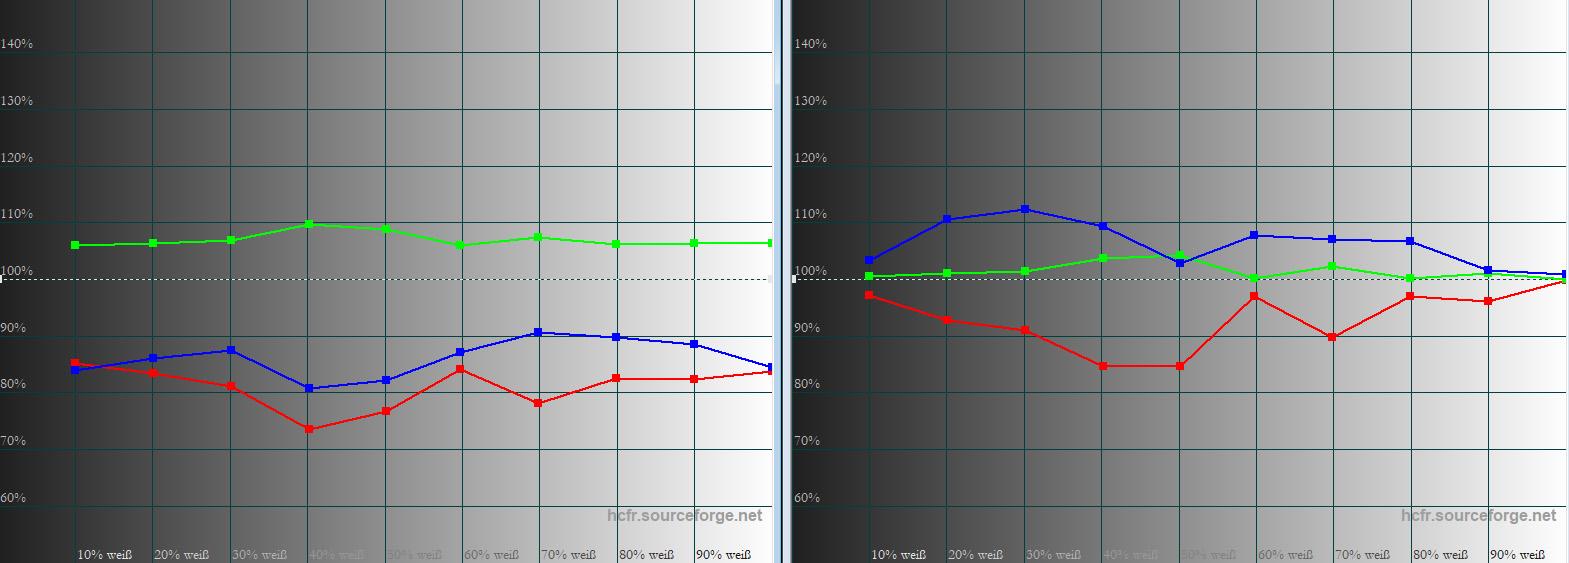 """Graustufenverlauf: Idealerweise verlaufen Rot, Grün und Blau über alle Helligkeitsabstufungen exakt auf der 100 % Linie. Ab Werk (links) liegen Rot und Blau sichtbar darunter. Nach der Kalibrierung (rechts) ist die Farbtemperatur von 6500 Kelvin bei 100 IRE und 10 IRE ordentlich getroffen. Grün kommt dem Sollverlauf jetzt ebenfalls nahe, aber Rot und Blau sehen abseits der Vorgaben ein wenig """"hakelig"""" aus. Auf das Bild hat das keine nennenswerten Auswirkungen. Selbst eine Grautreppe sieht völlig farbneutral aus."""